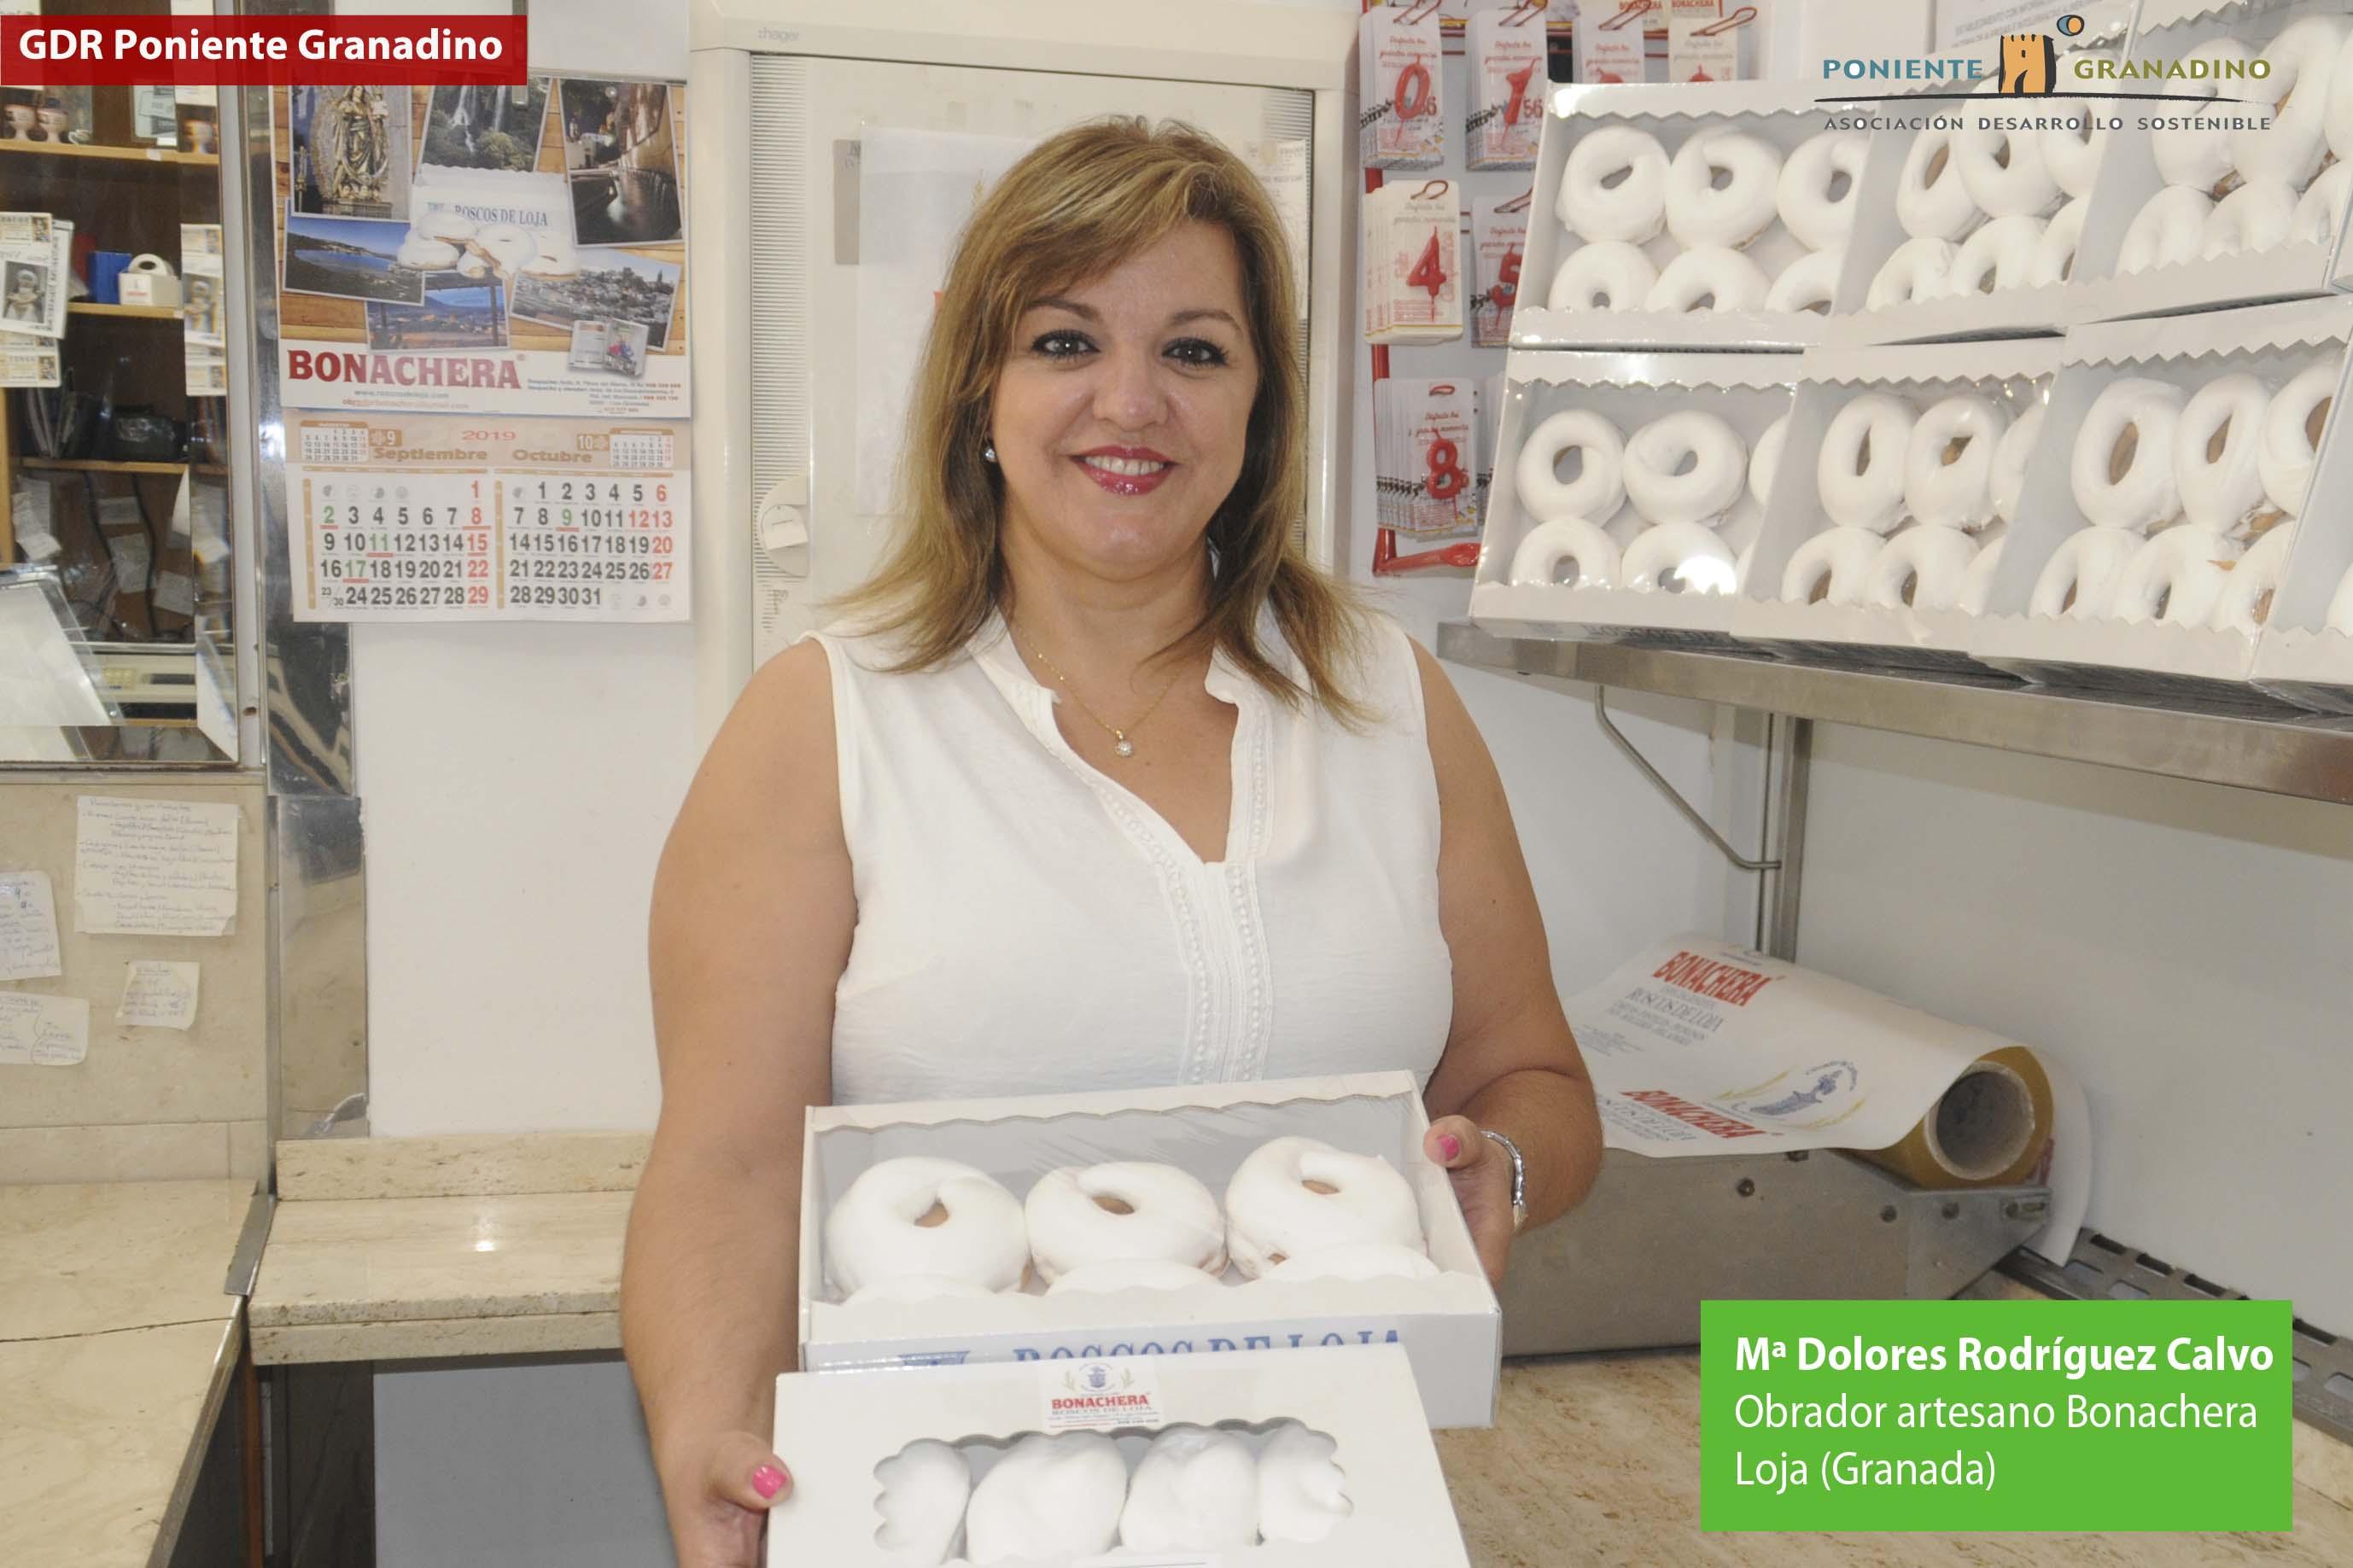 Acondicionamiento de Obrador artesano de Pastelería, Panadería y Bollería. Vista del proyecto